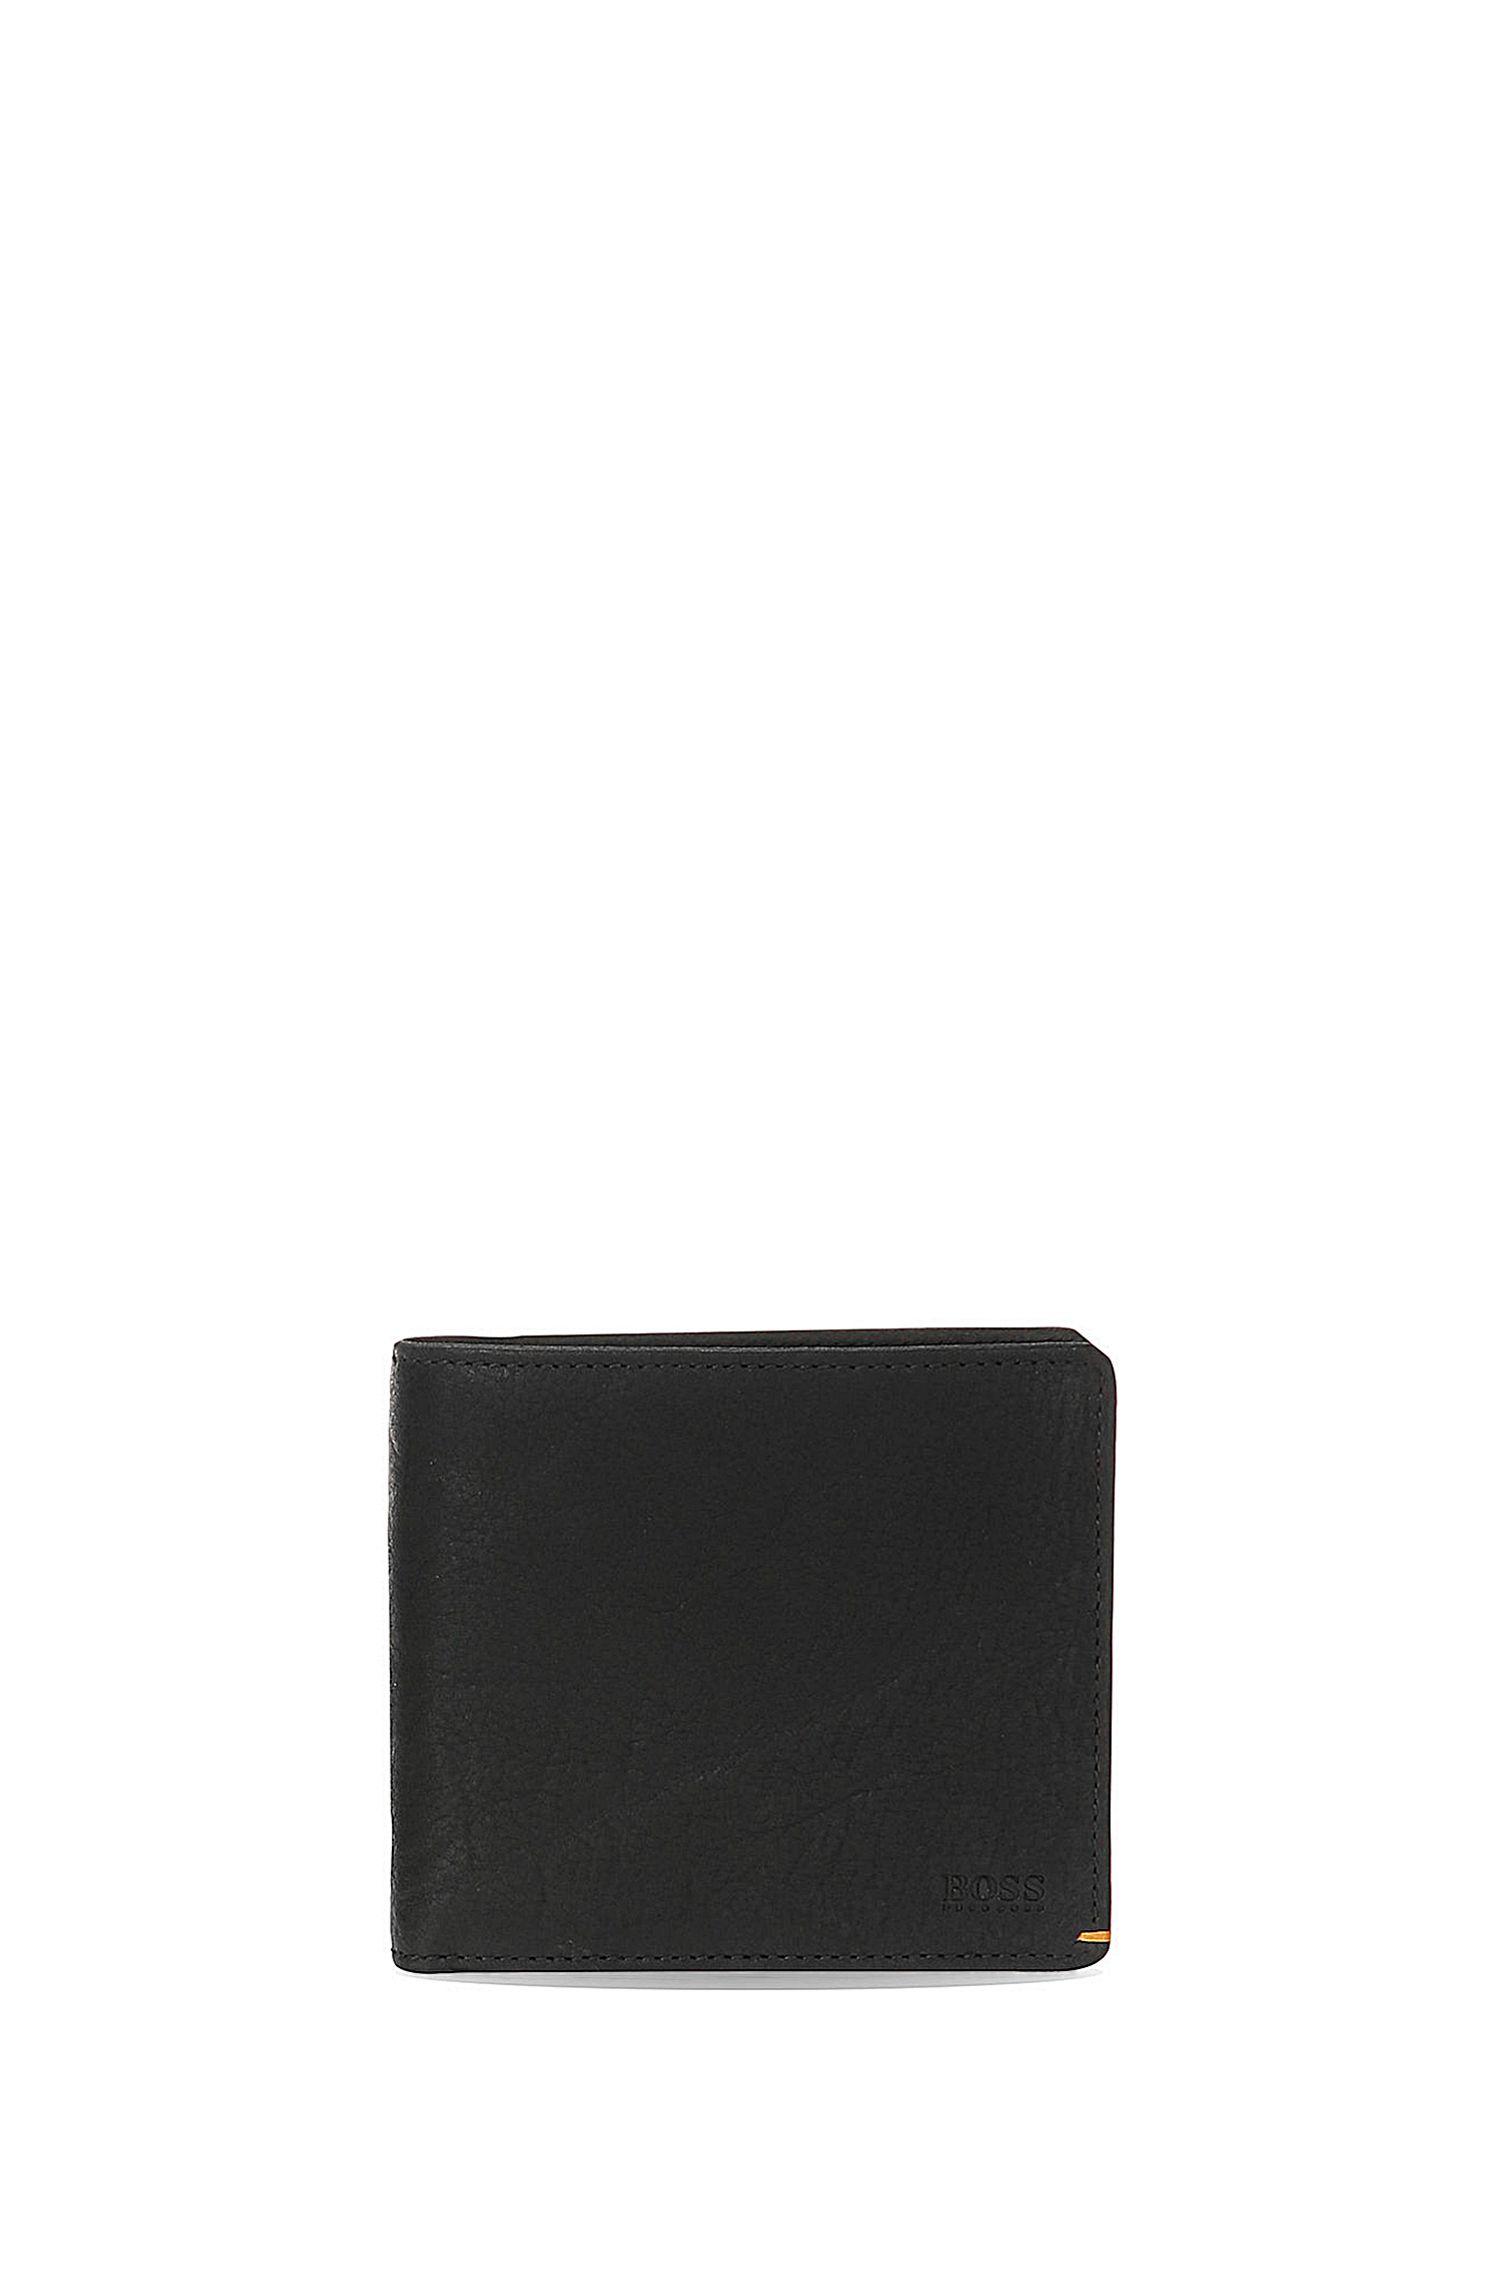 Set met portemonnee en pasjeshouder van generfd leer: 'GBO17SR_8 cc S card'